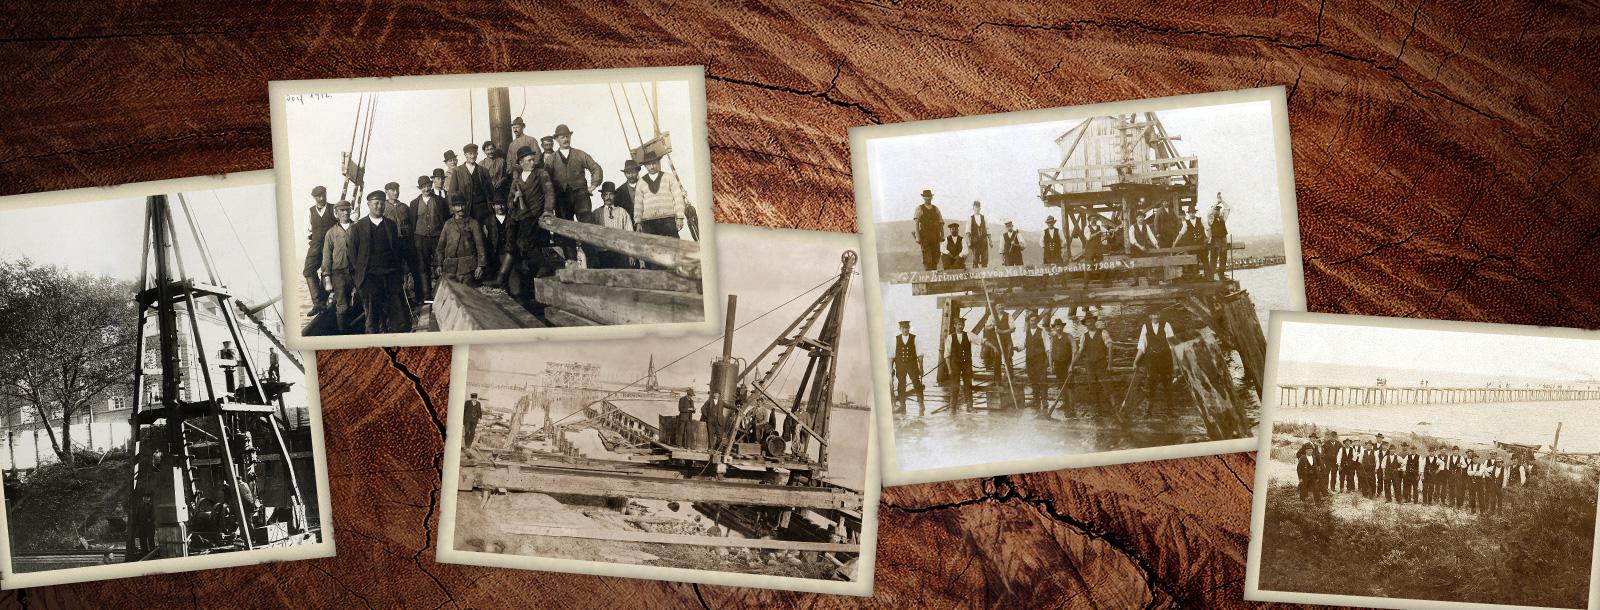 Historische Bilder von F+Z Ingenieur- und Hafenbau